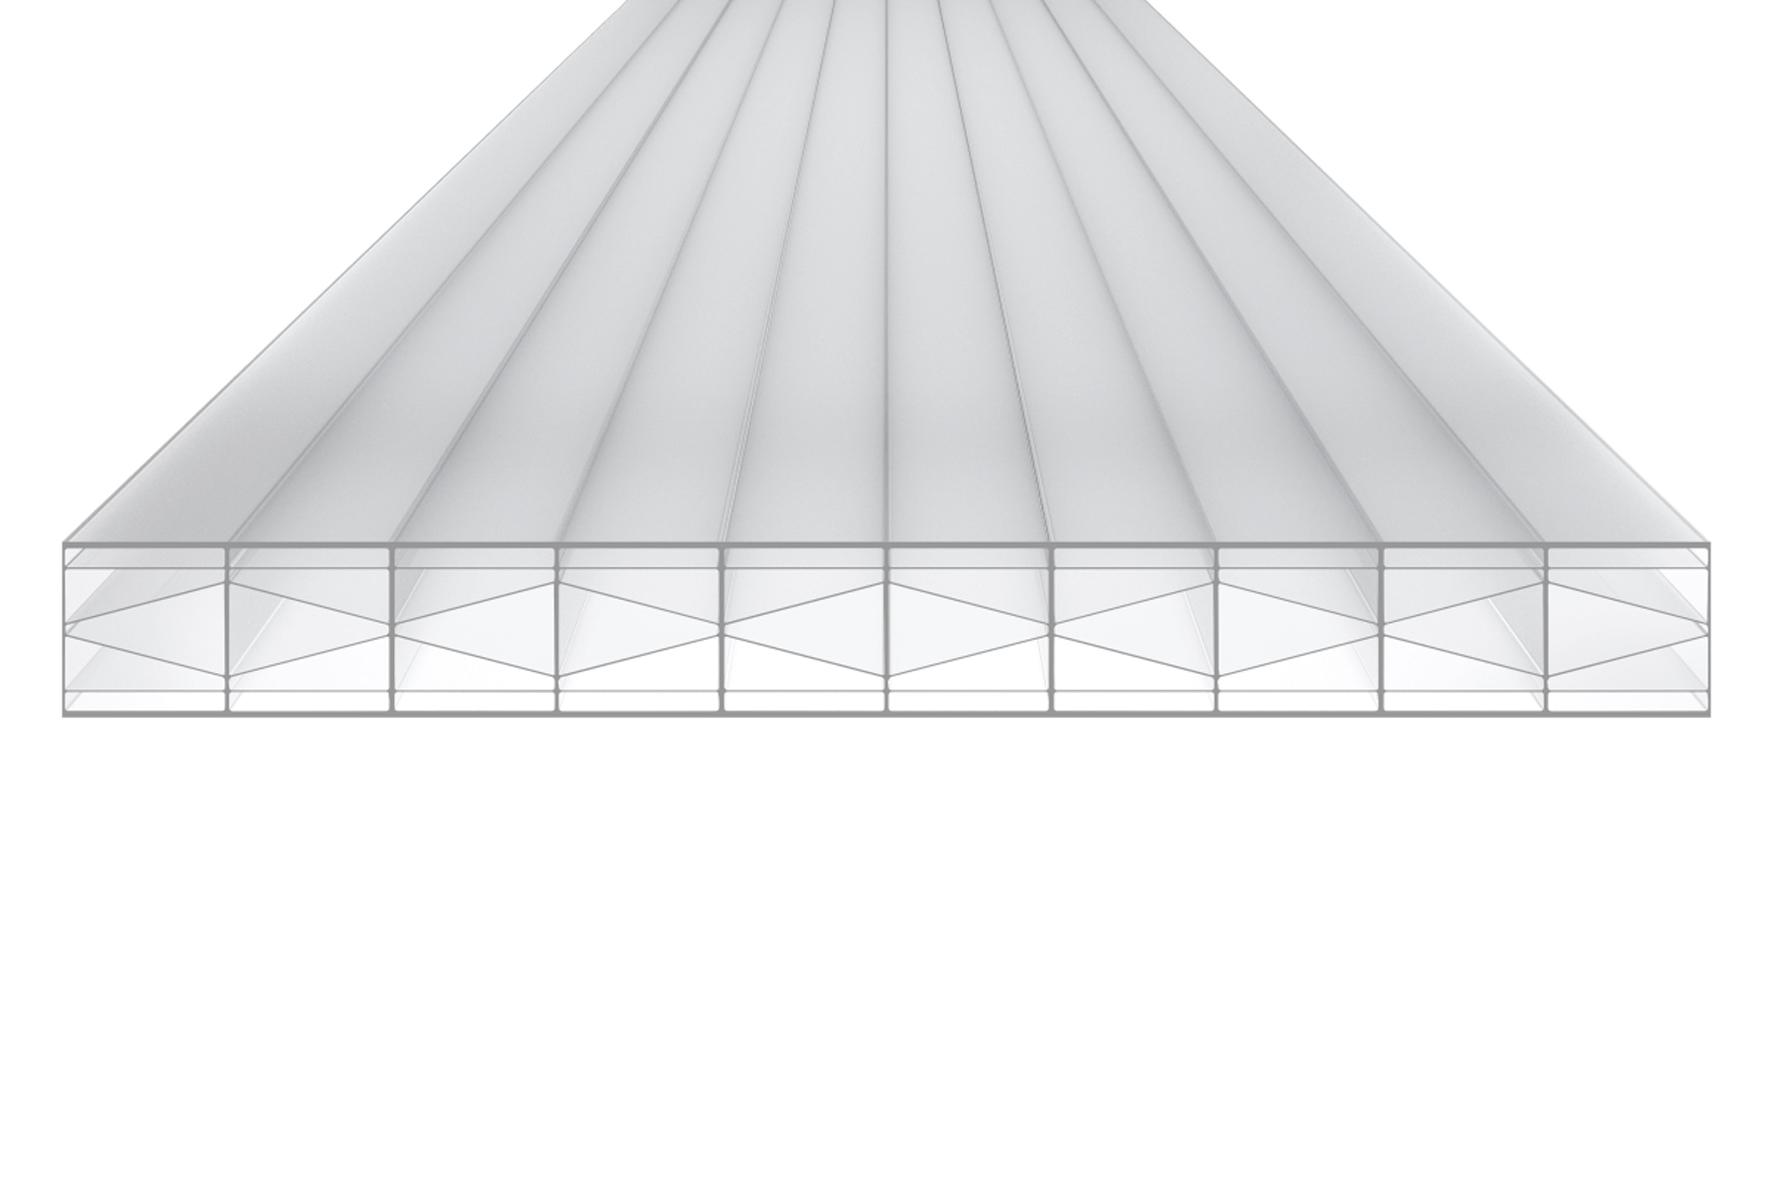 polycarbonate pour toiture 16mm achat en ligne ou dans notre magasin. Black Bedroom Furniture Sets. Home Design Ideas